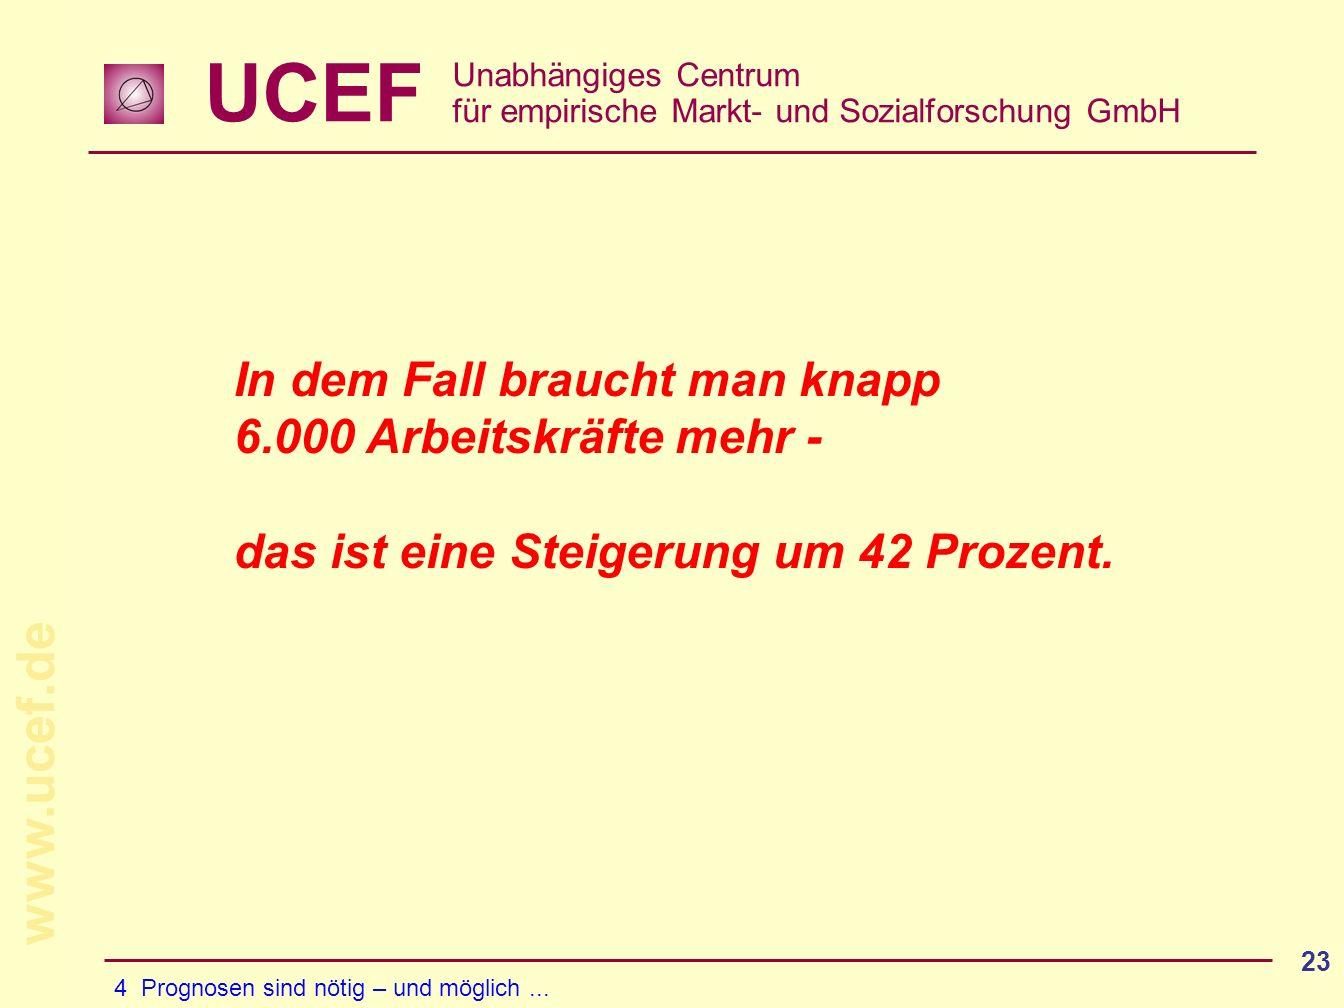 UCEF Unabhängiges Centrum für empirische Markt- und Sozialforschung GmbH www.ucef.de 23 In dem Fall braucht man knapp 6.000 Arbeitskräfte mehr - das ist eine Steigerung um 42 Prozent.